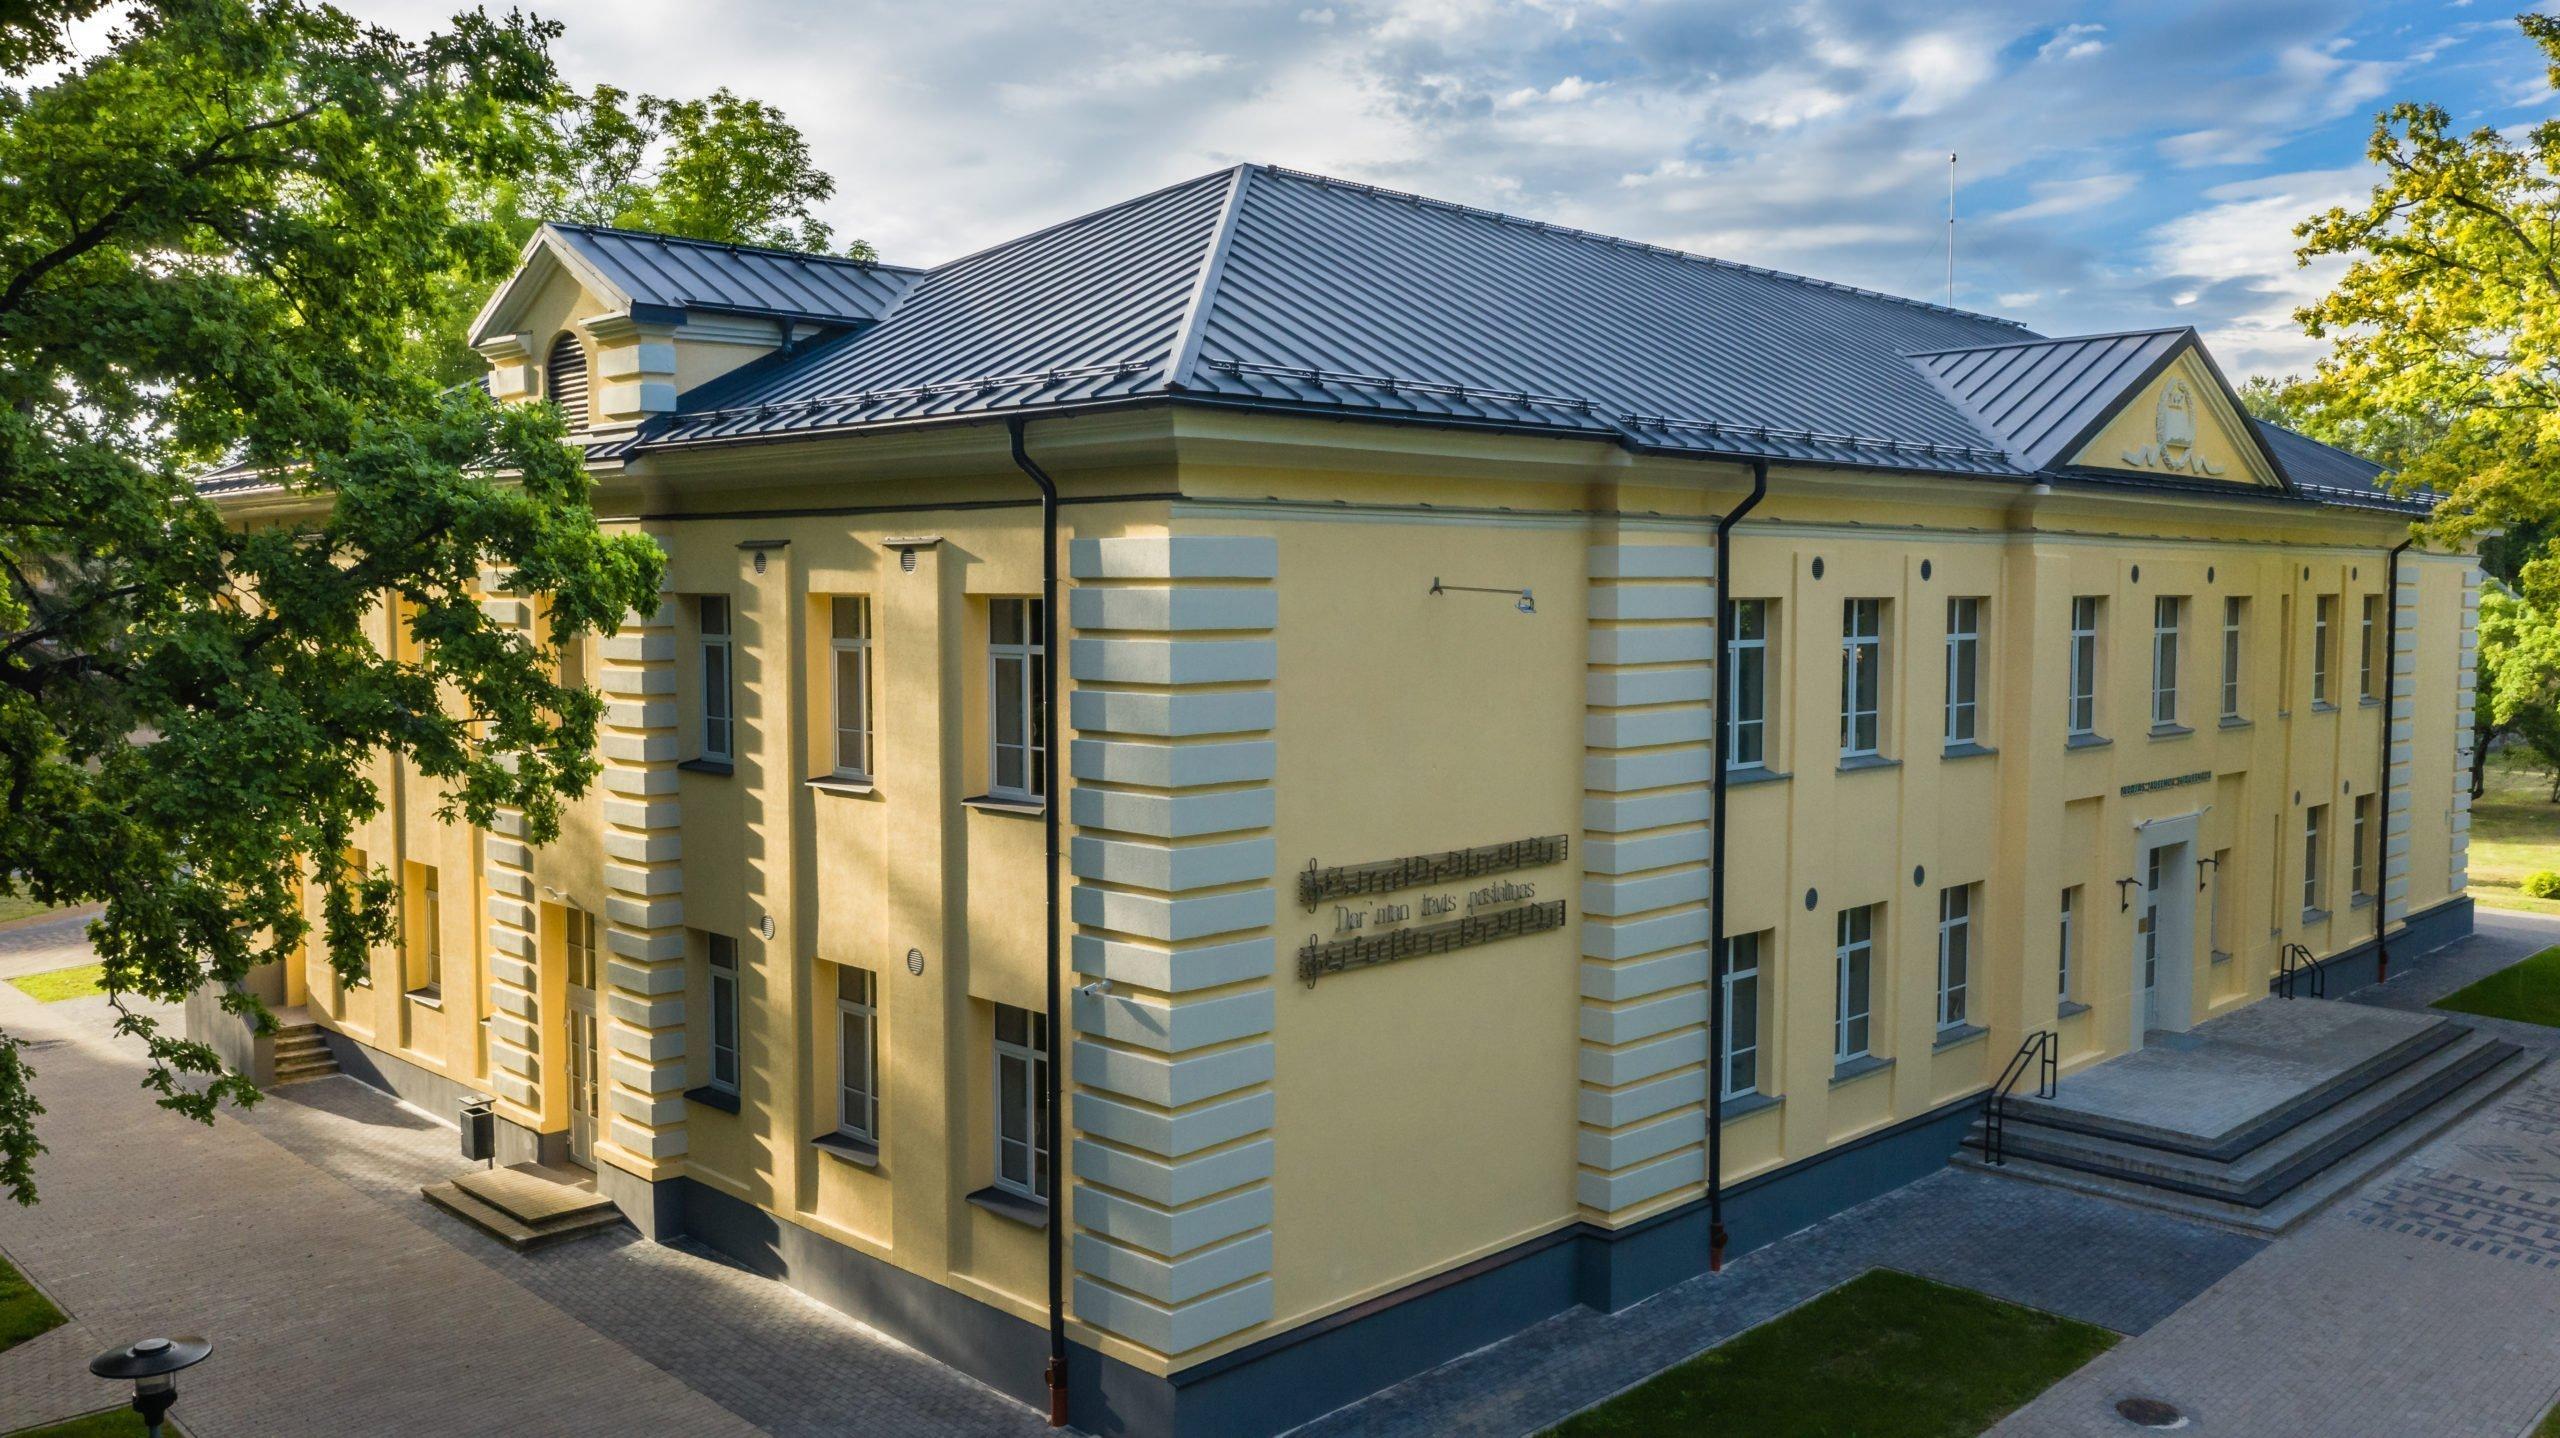 """Pašvaldība skatei """"Gada labākā būve Latvijā 2020"""" pieteikusi Alojas Ausekļa vidusskolu"""